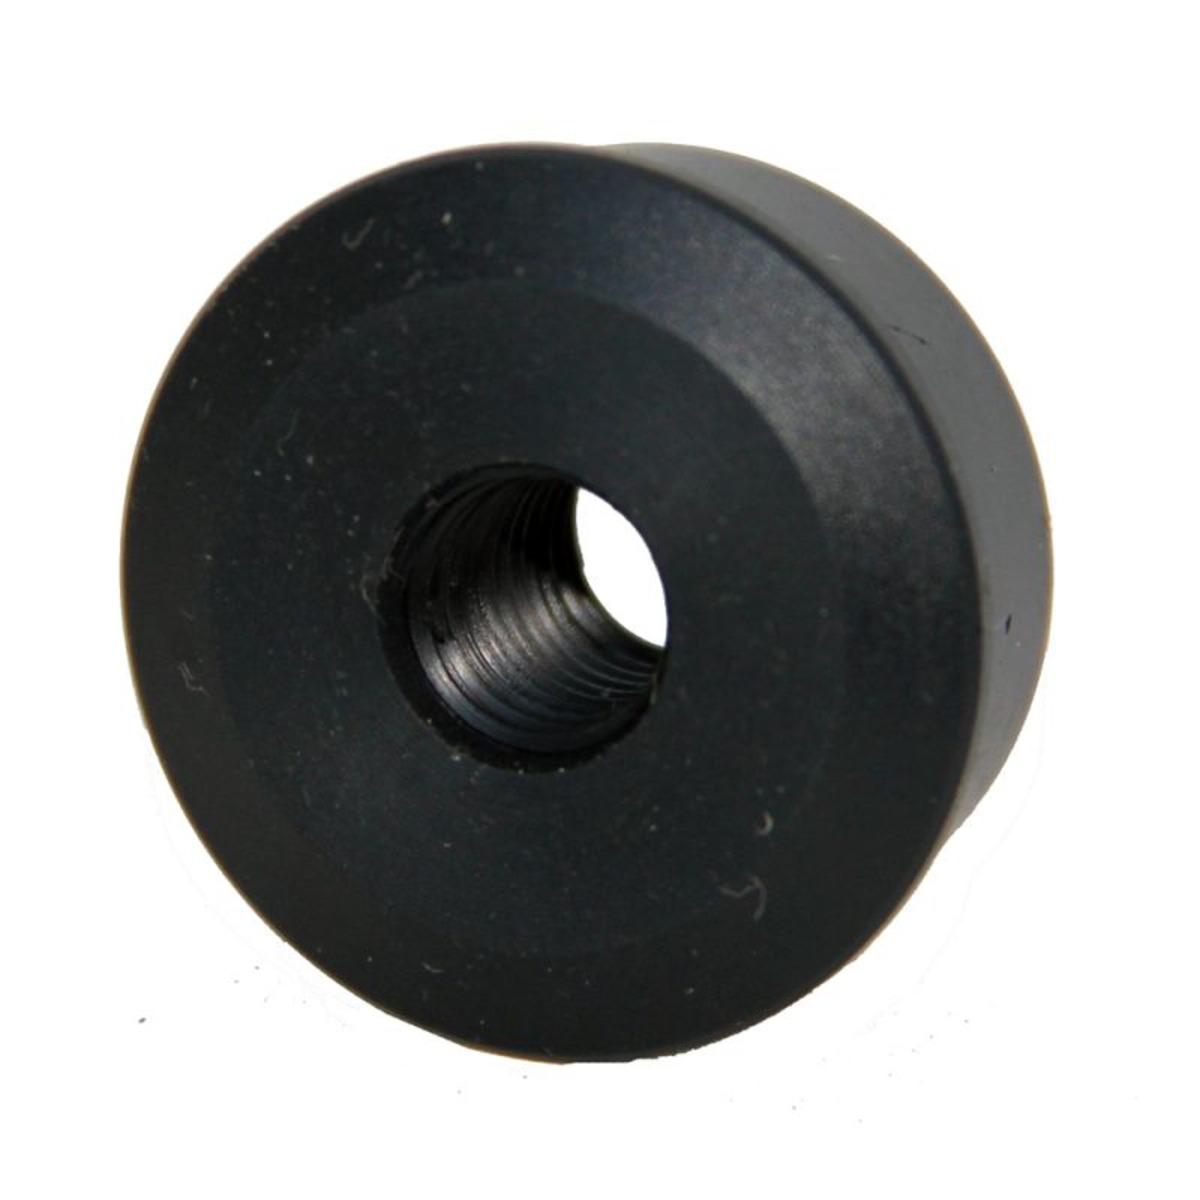 MK4 Bague Ptfe - D 30 mm - D 30 mm